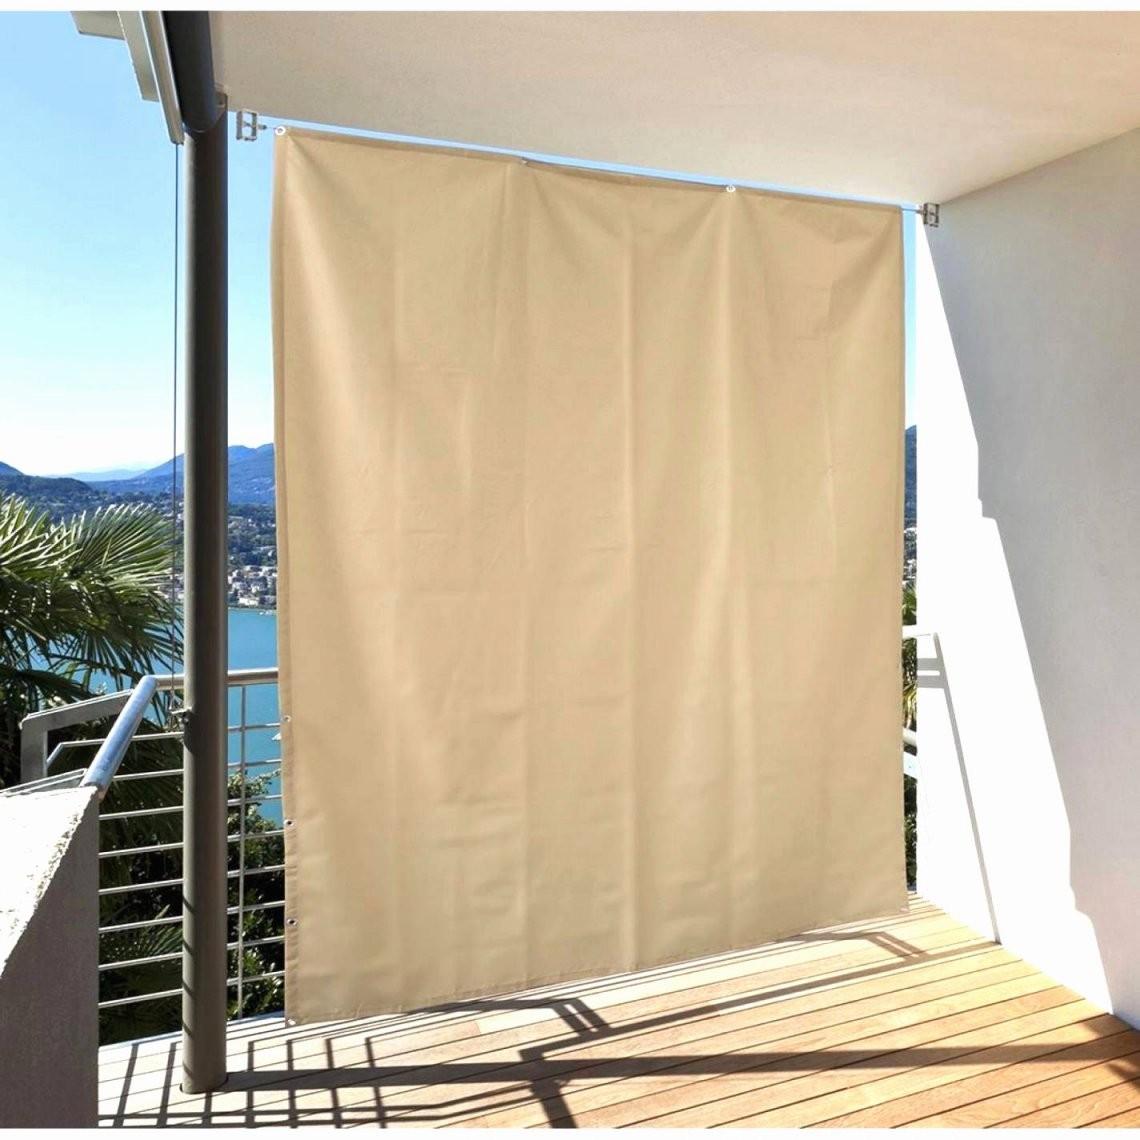 Balkon Sichtschutz Selber Machen Inspirierend Sichtschutz Holz Für von Balkon Sichtschutz Selber Machen Photo